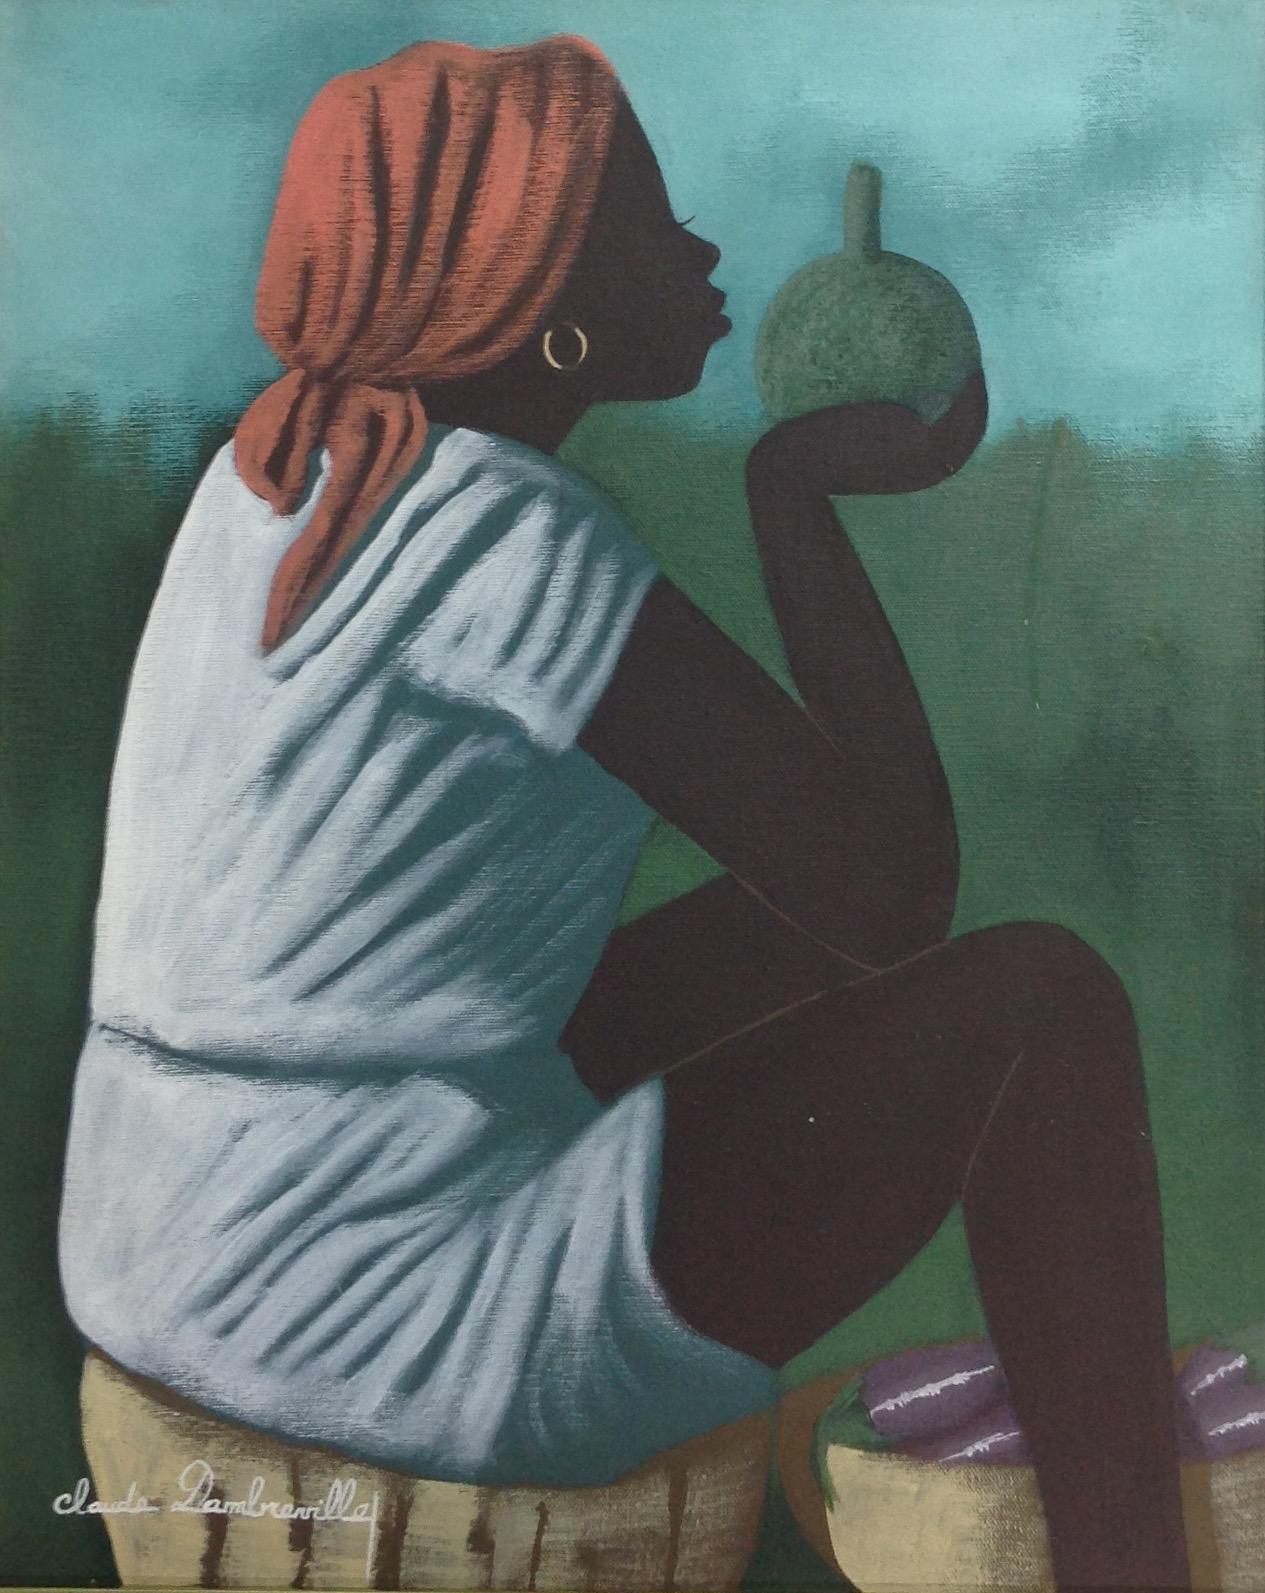 Dambreville Claude 16X20 #46-3-96 canvas 1997